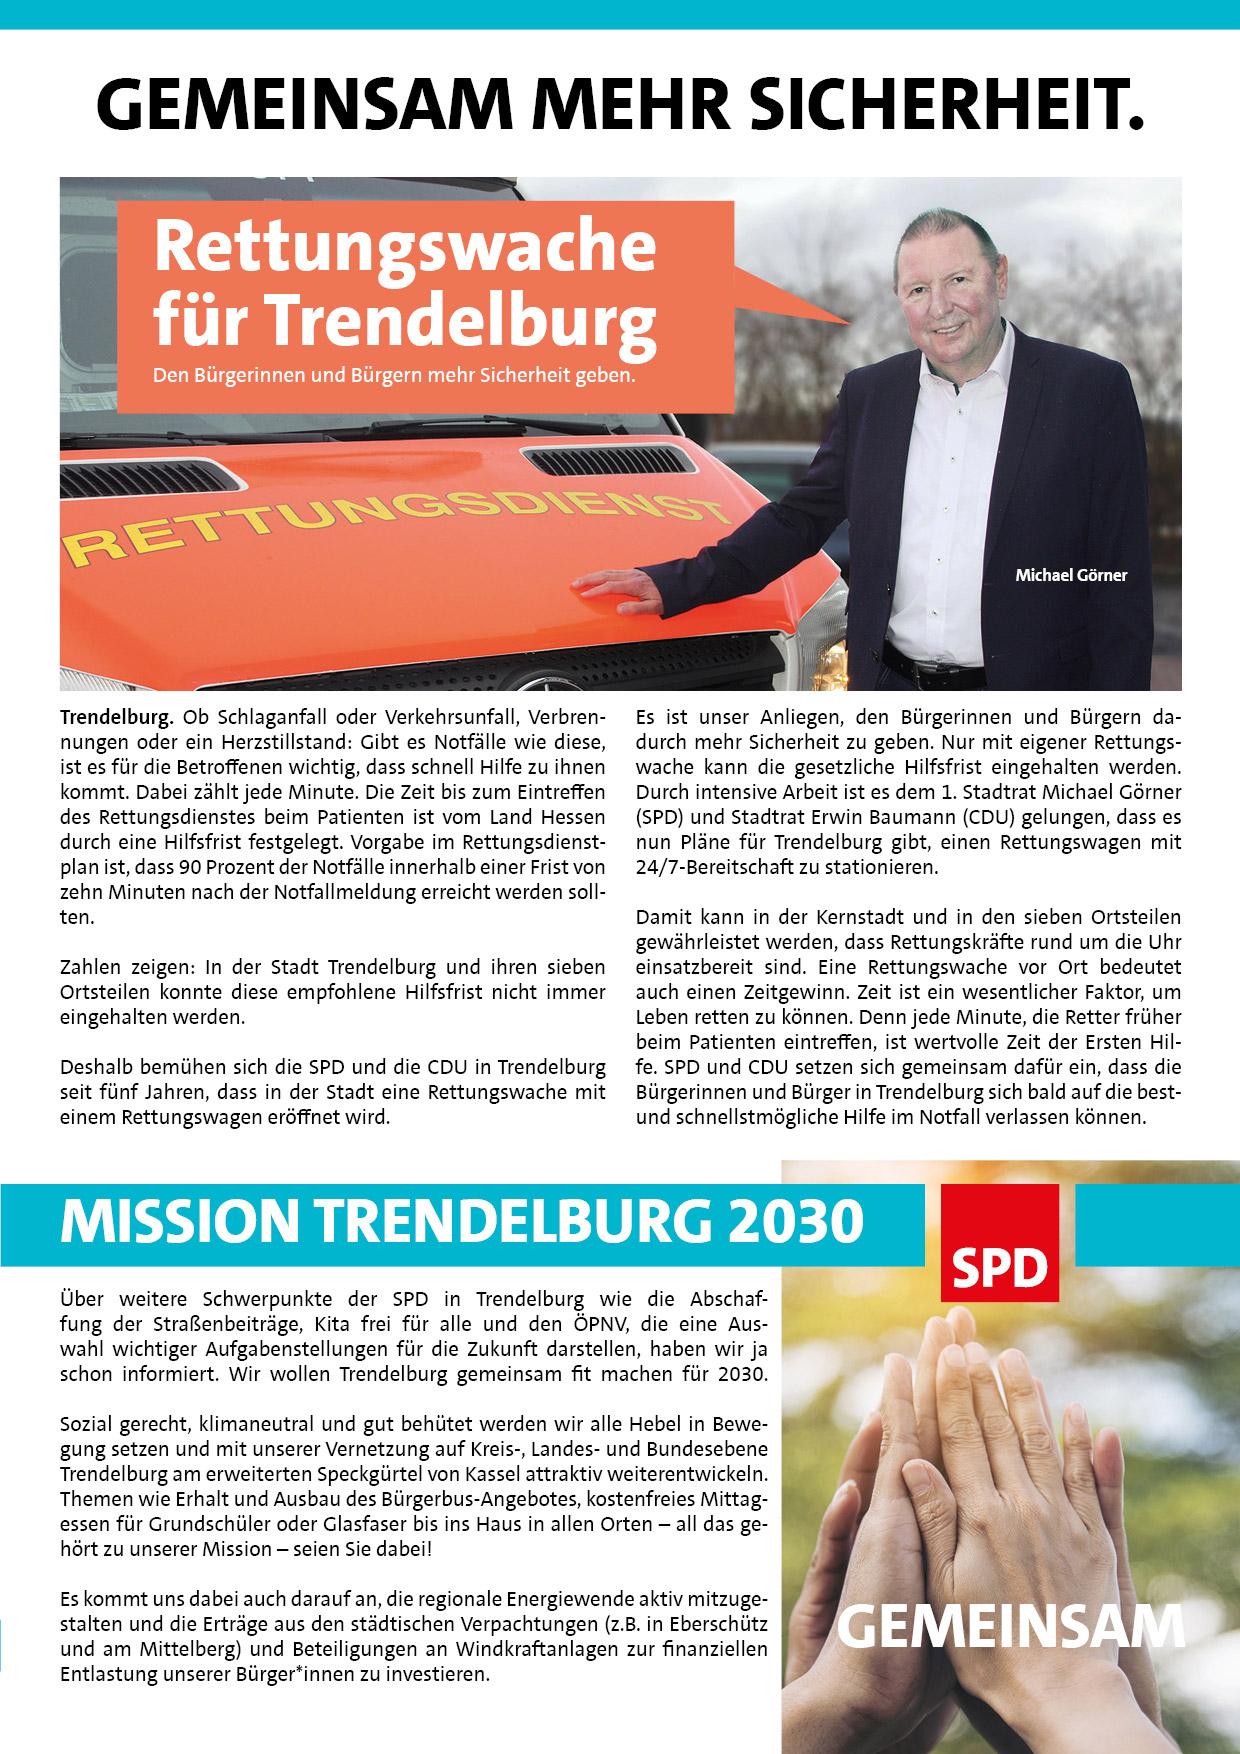 Rettungswache für Trendelburg